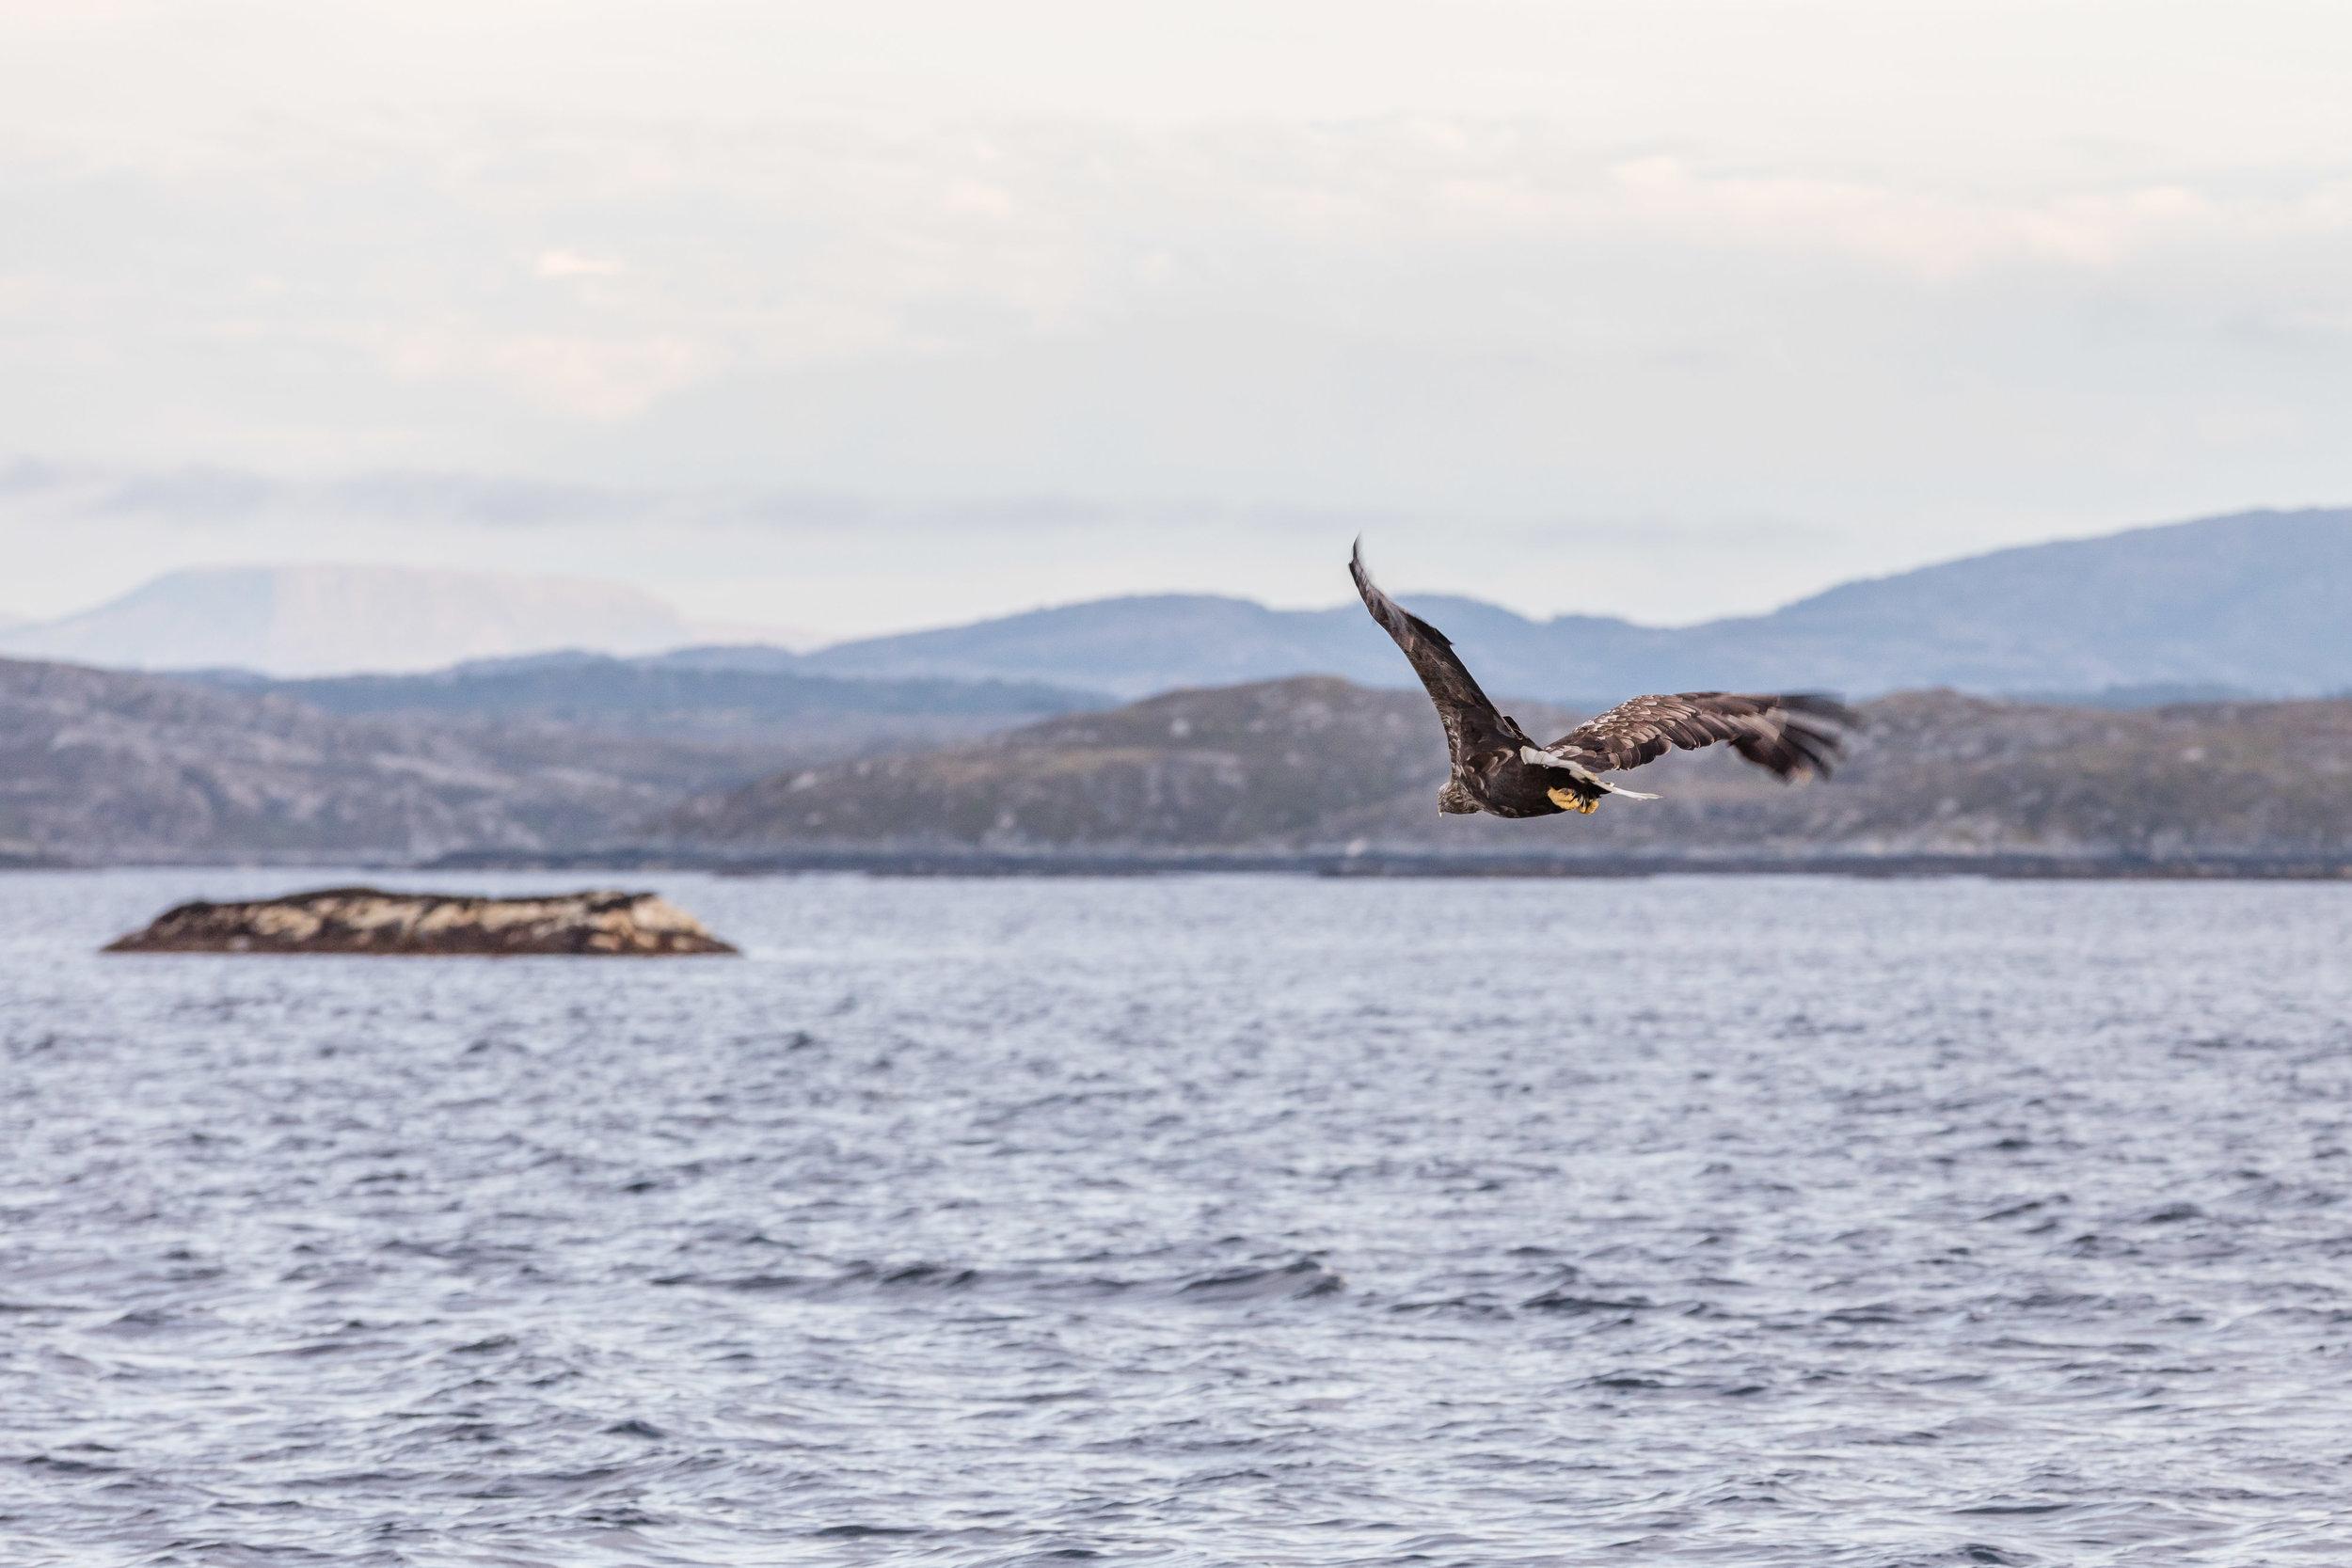 Ørn-Hitra-Norge-norway-fotoknoff-sven-erik-knoff-1154.jpg